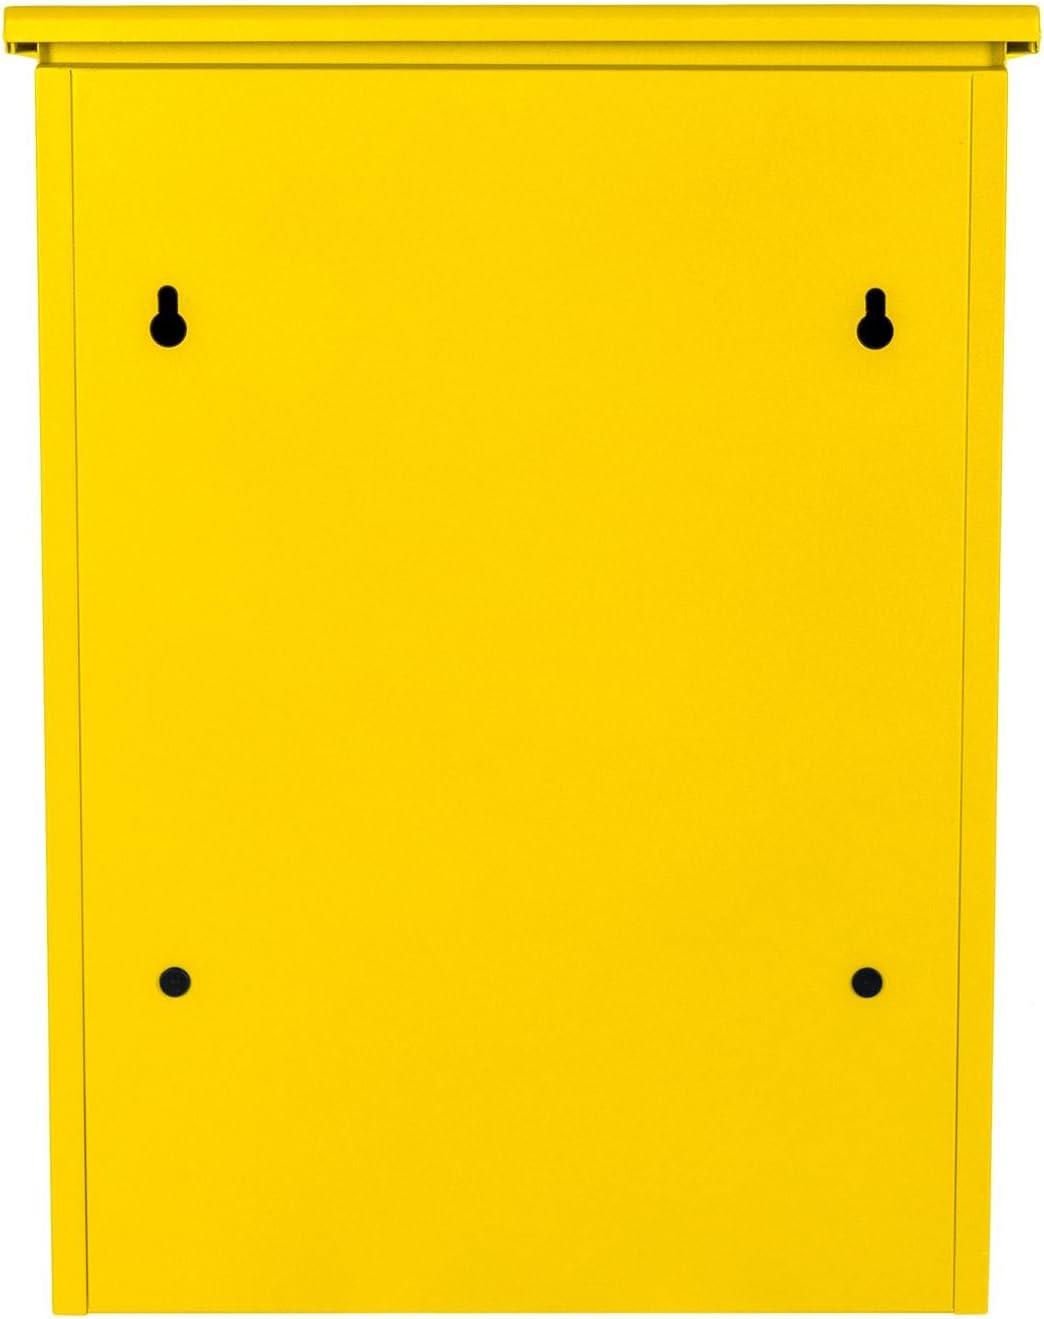 f/ür alle Zusteller geeignet 44 x 35 x 58 cm mittelgro/ßer Paketbriefkasten mit Paketfach und Briefkasten Smart Parcel Box sicherer Paketkasten f/ür Zuhause und Unternehmen mit R/ückholsperre blau